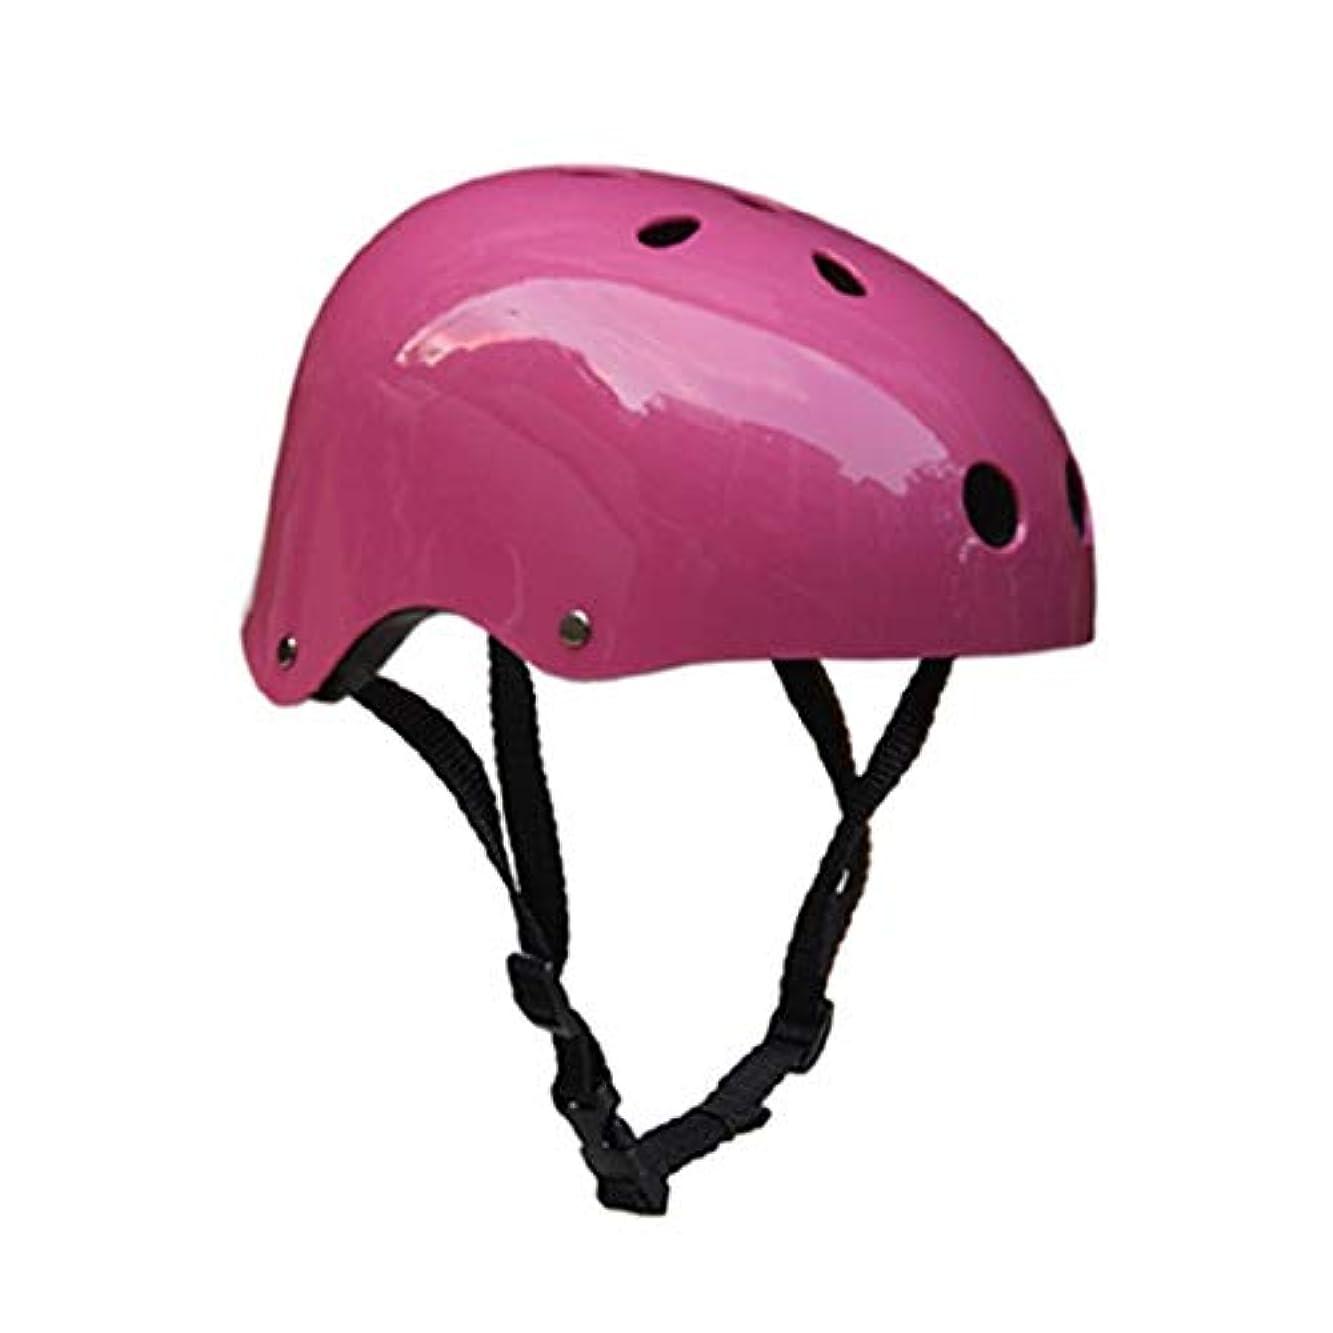 余分なコイル作曲家WTYDアウトドアツール 登山用具安全ヘルメット洞窟レスキュー子供大人用ヘルメット開発アウトドアハイキングスキー用品適切な頭囲:57-60cm、サイズ:L 自転車の部品